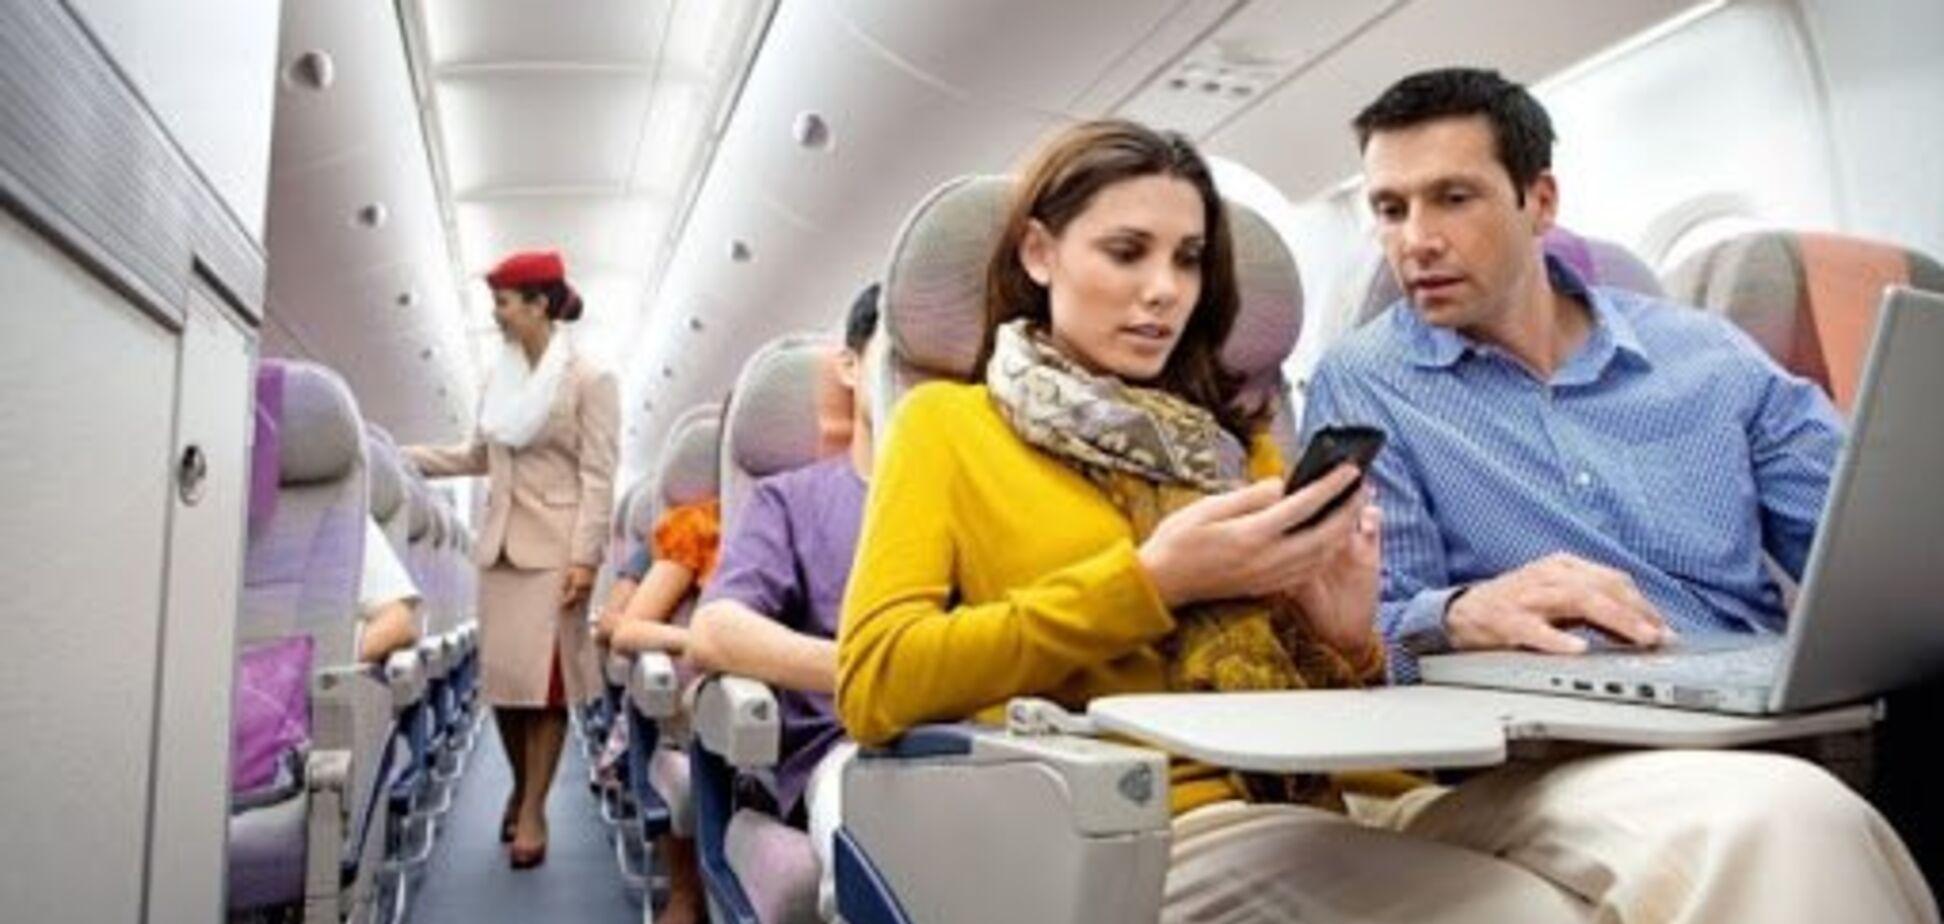 Это опасно: названы вещи, которые никогда не стоит делать в самолете